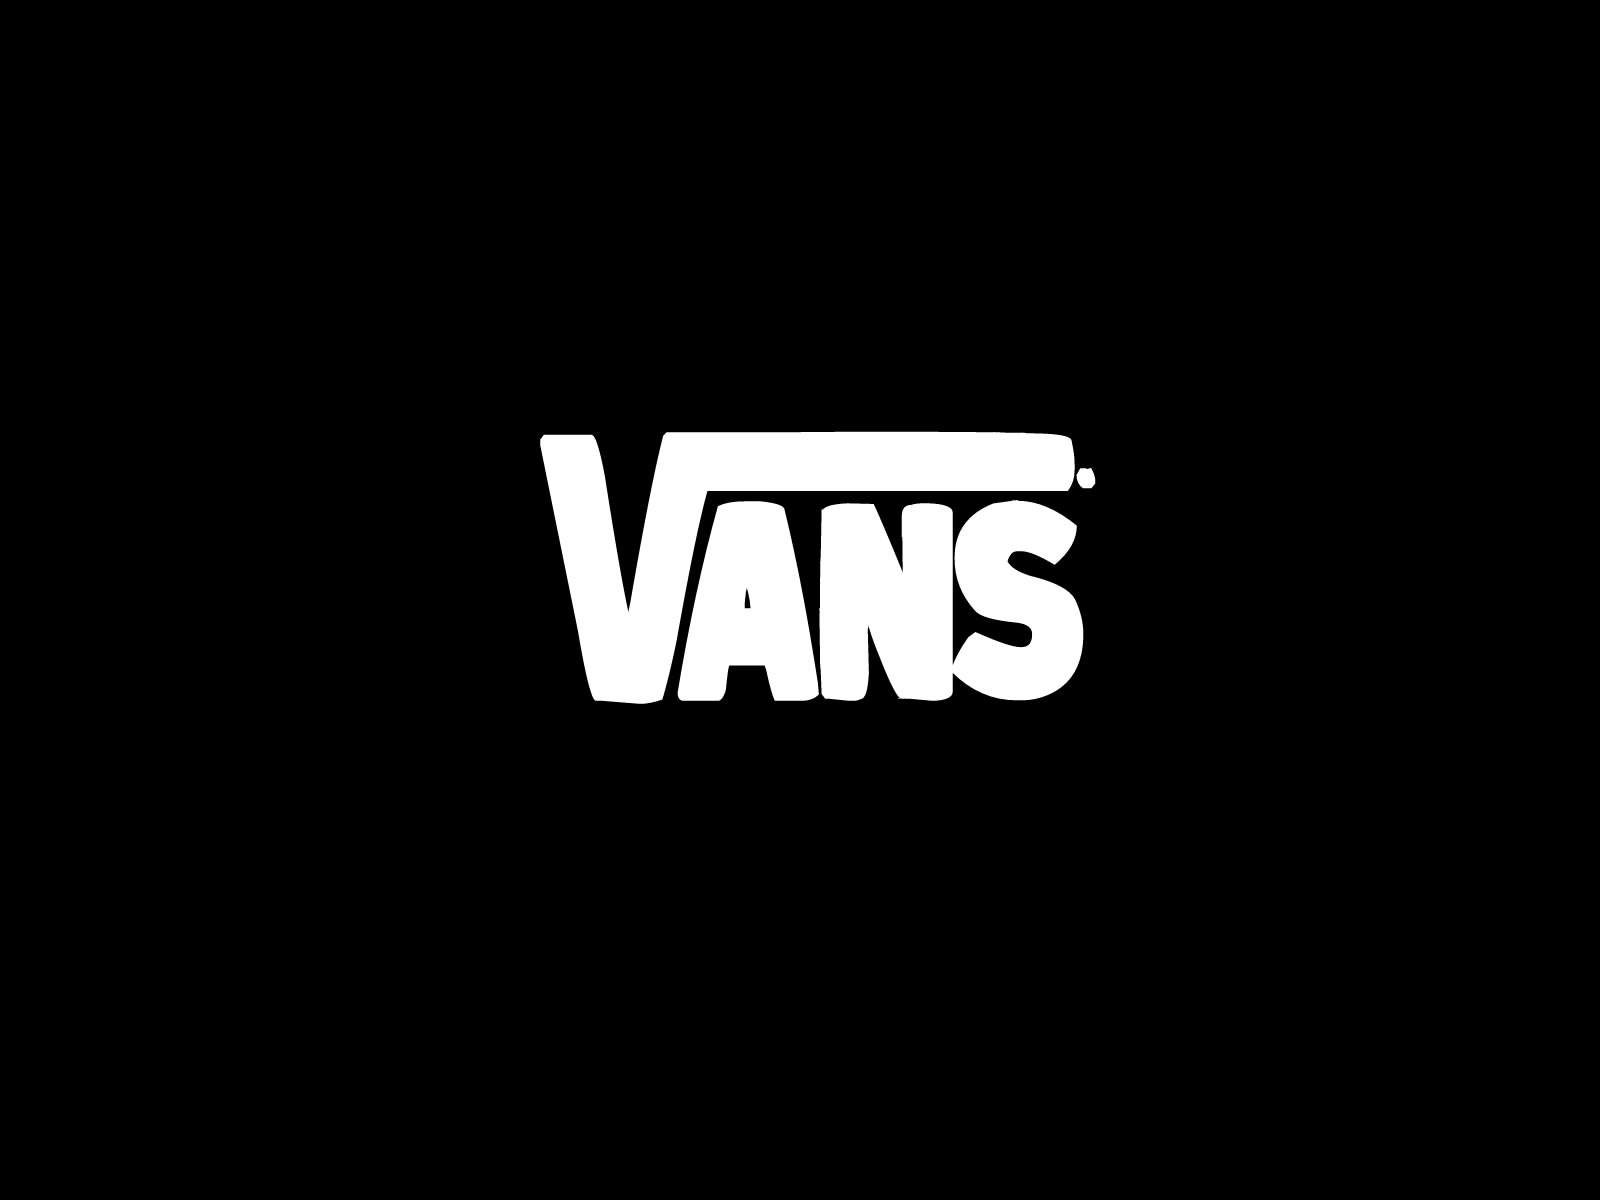 Andrew Garfield Wallpaper Iphone 7 Hd Vans Wallpapers